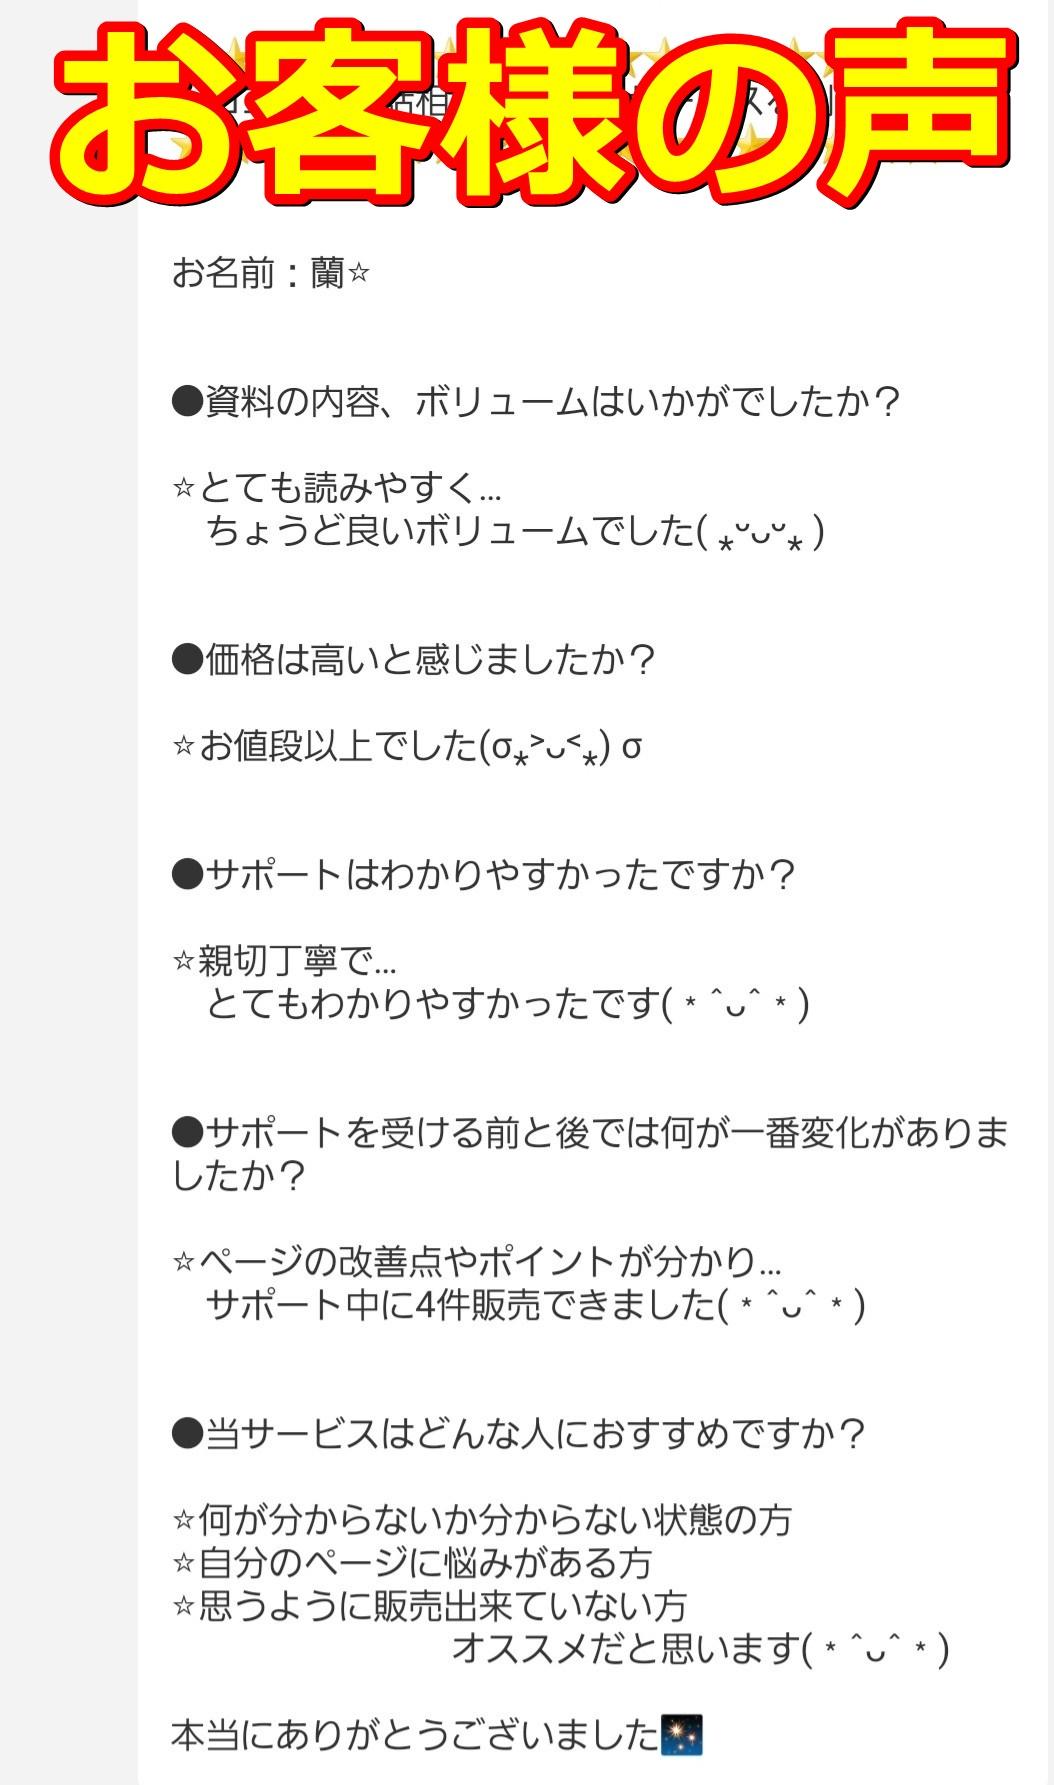 蘭さんアンケートz.jpg